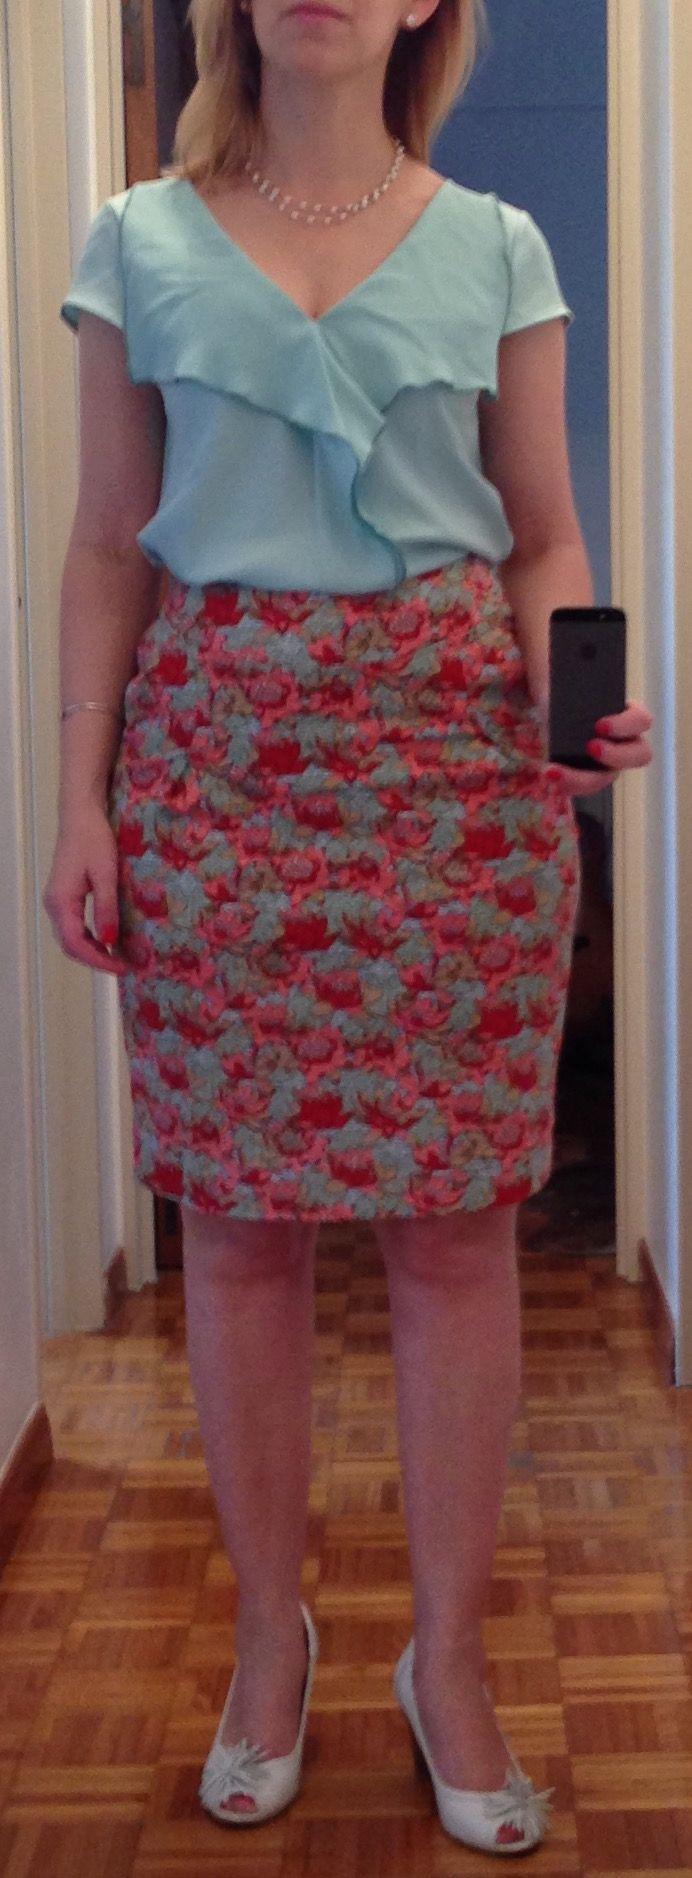 Outfit de verano para La Oficina. Falsa tubo con flores, blusa cuello en V con el color que la une a la falda. Zapatos y accesorio de perlas. Cuerpo tipo pera.